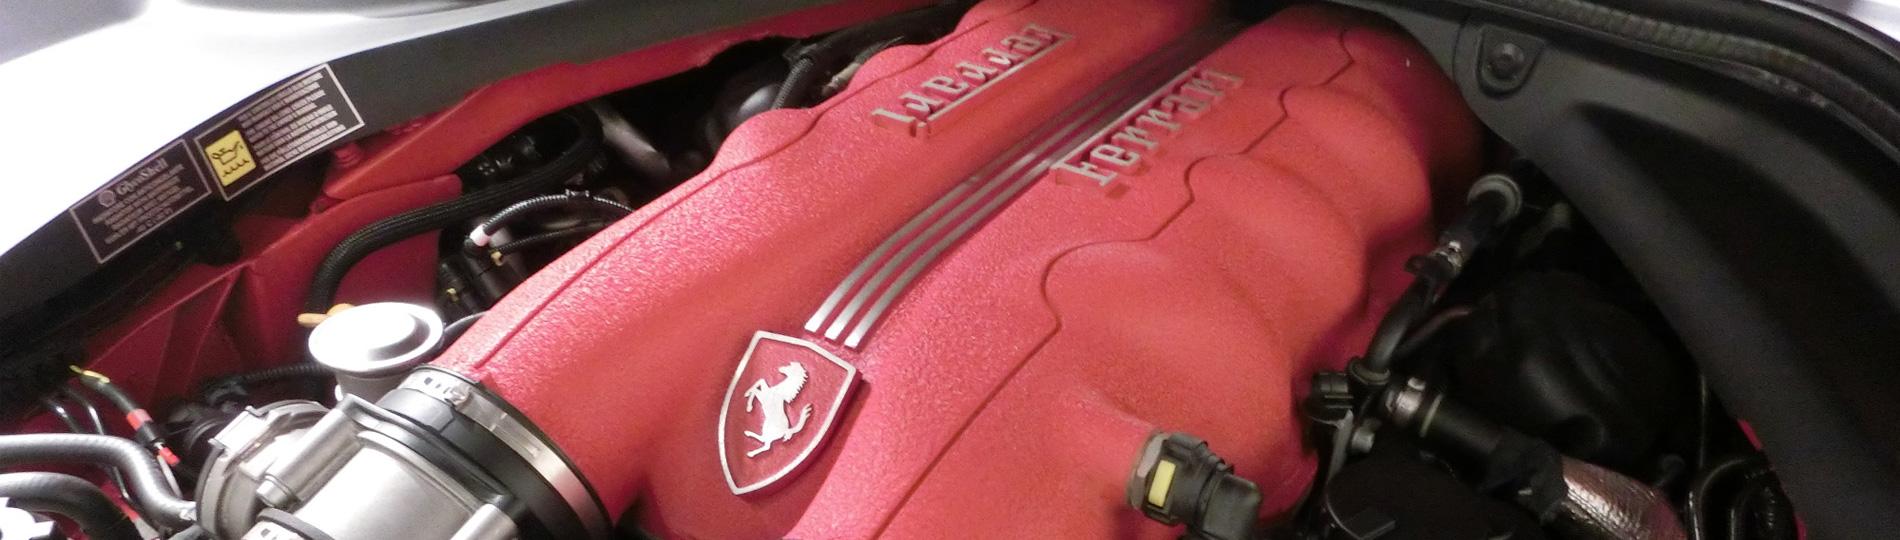 フェラーリ買取